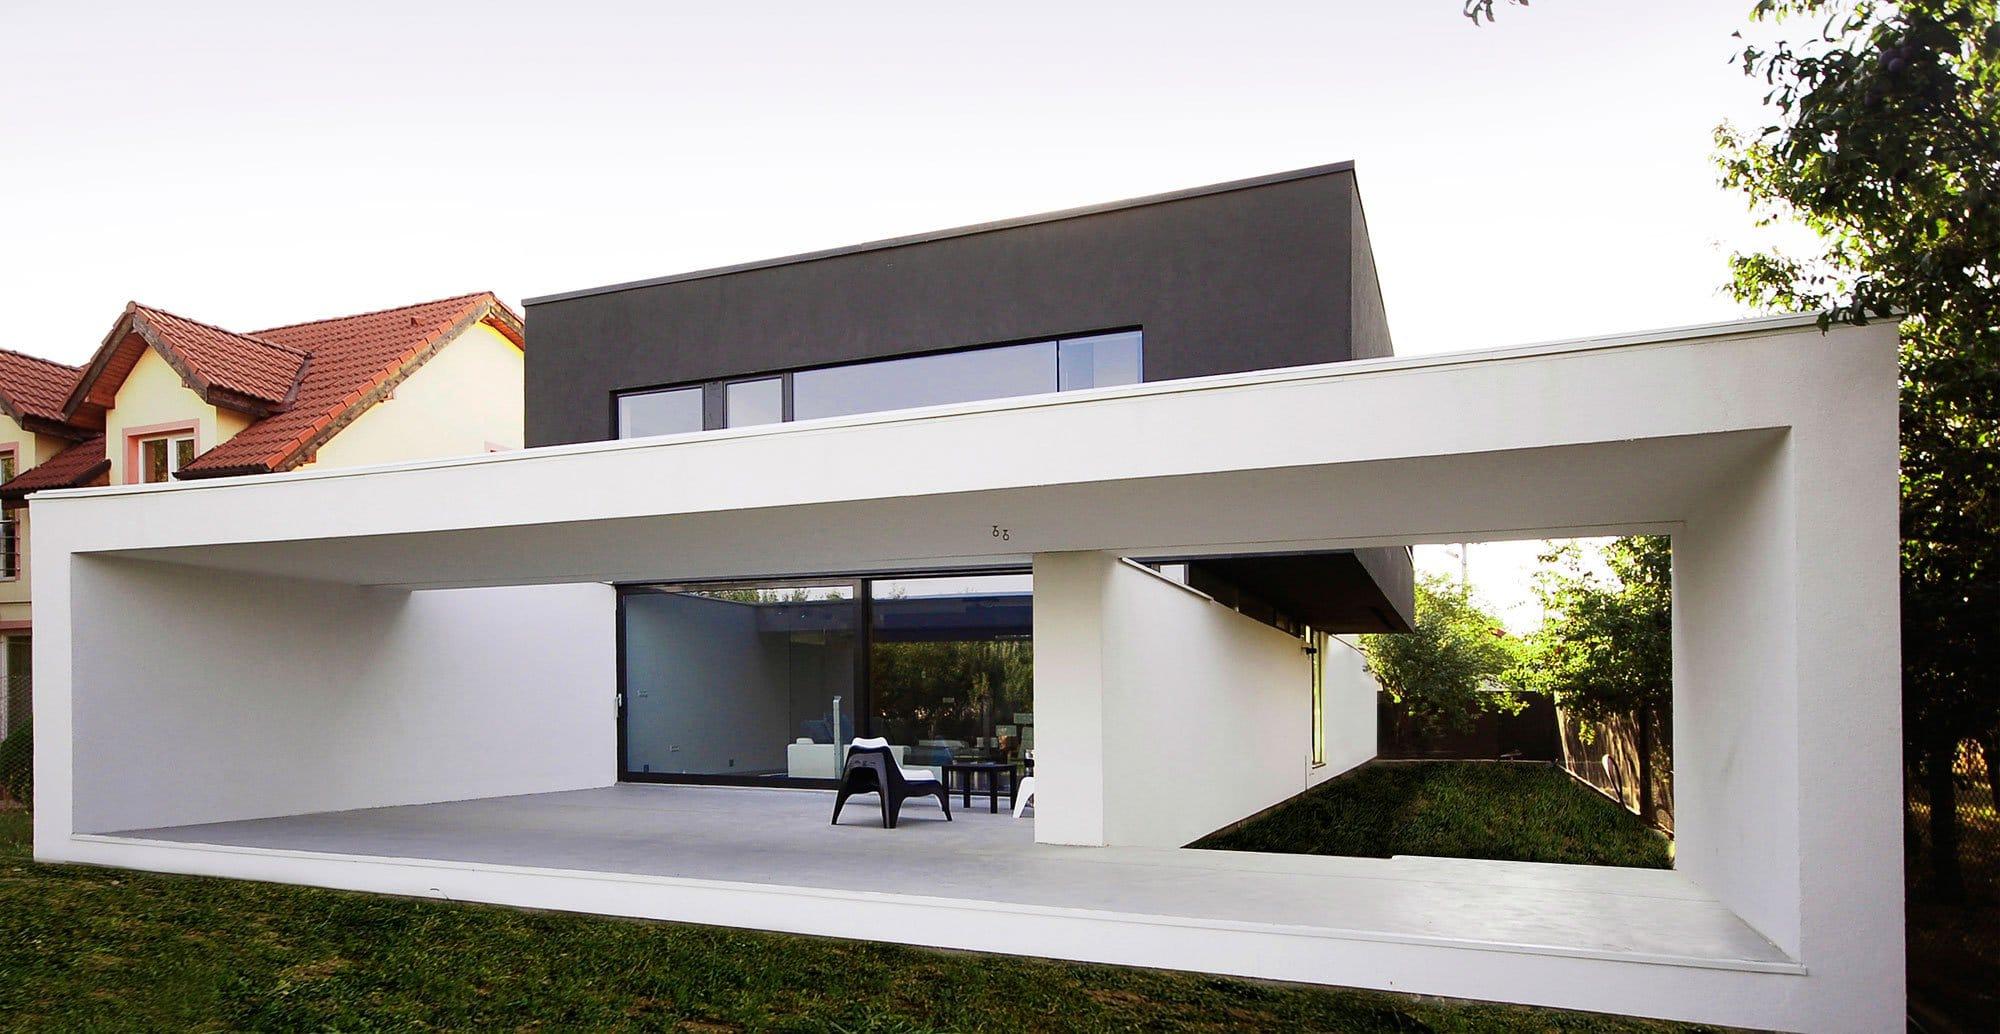 Dise o de casa moderna de dos plantas - Disenos casas modernas ...